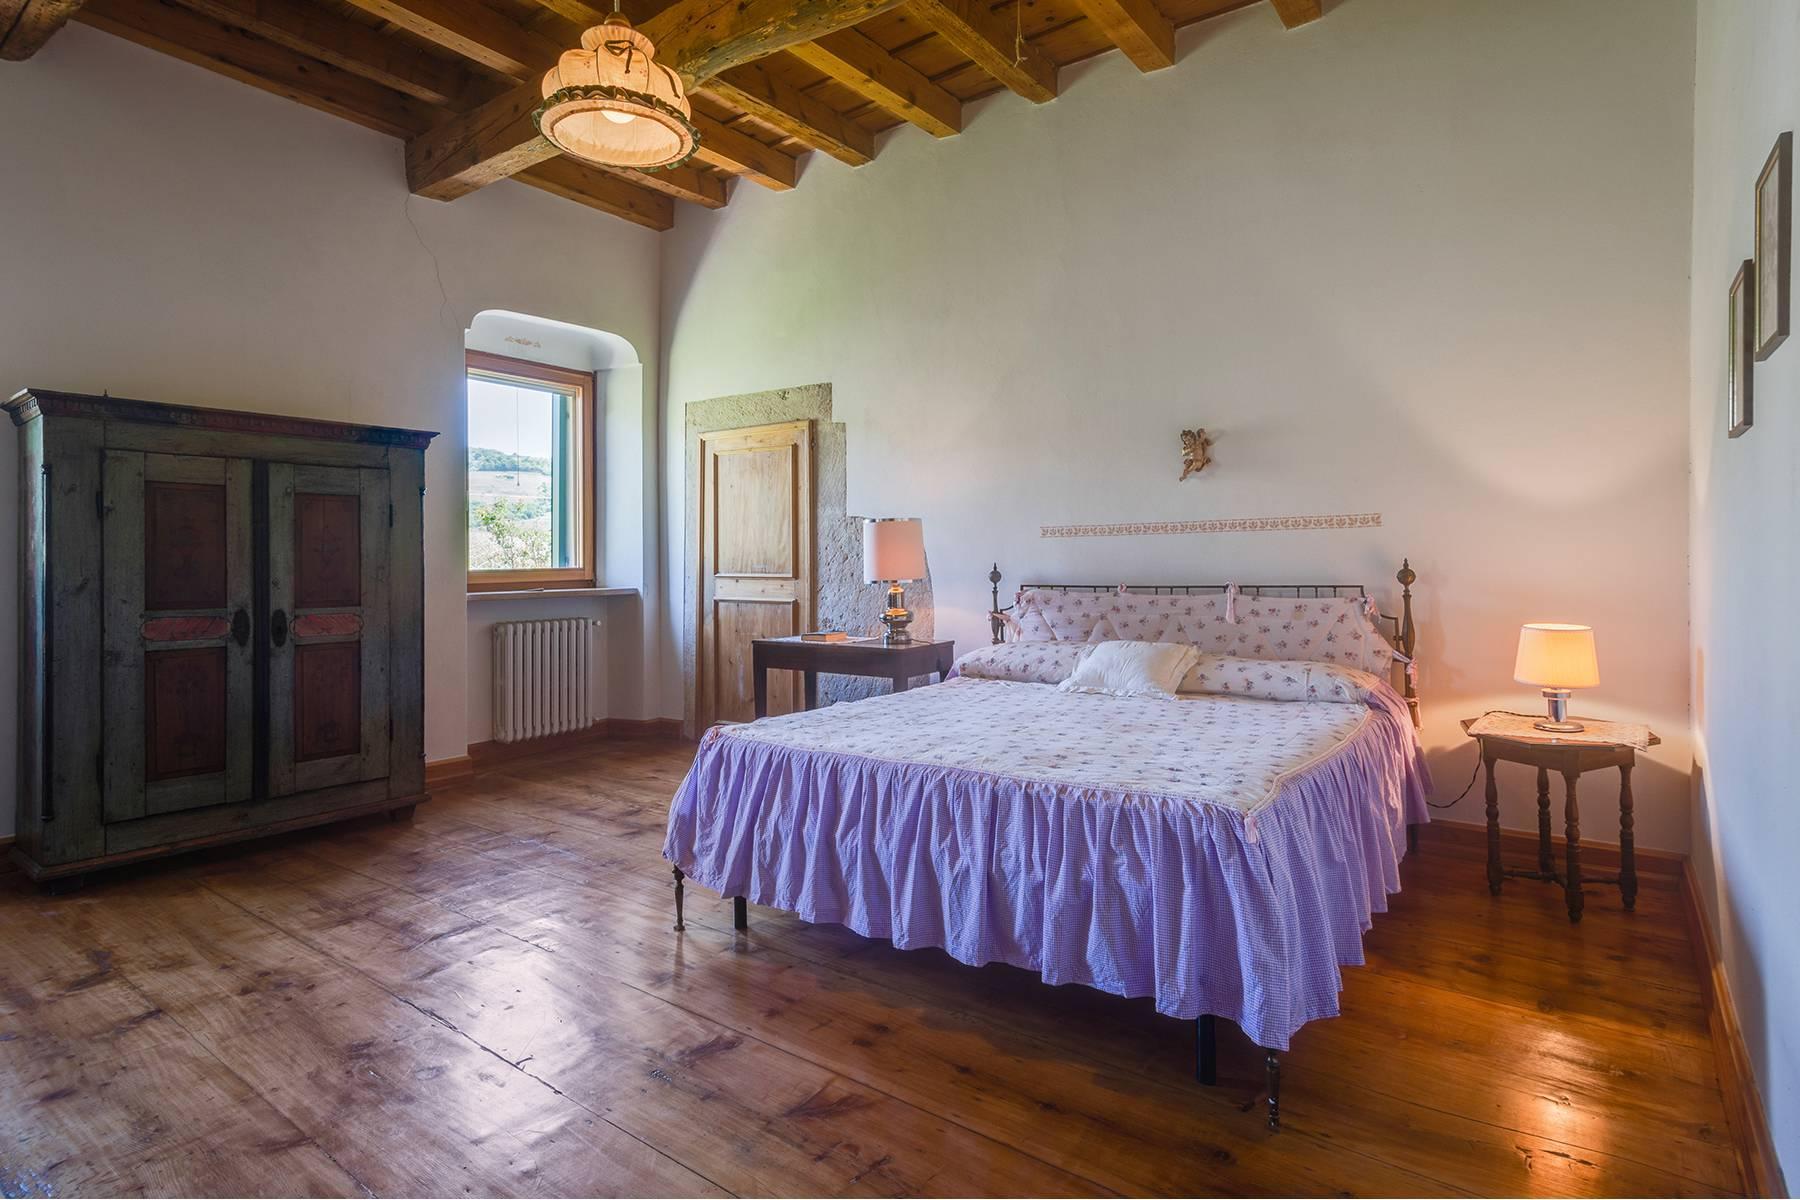 Historische Villa mit Park und prächtigem alten Keller, umgeben von Weinbergen - 17